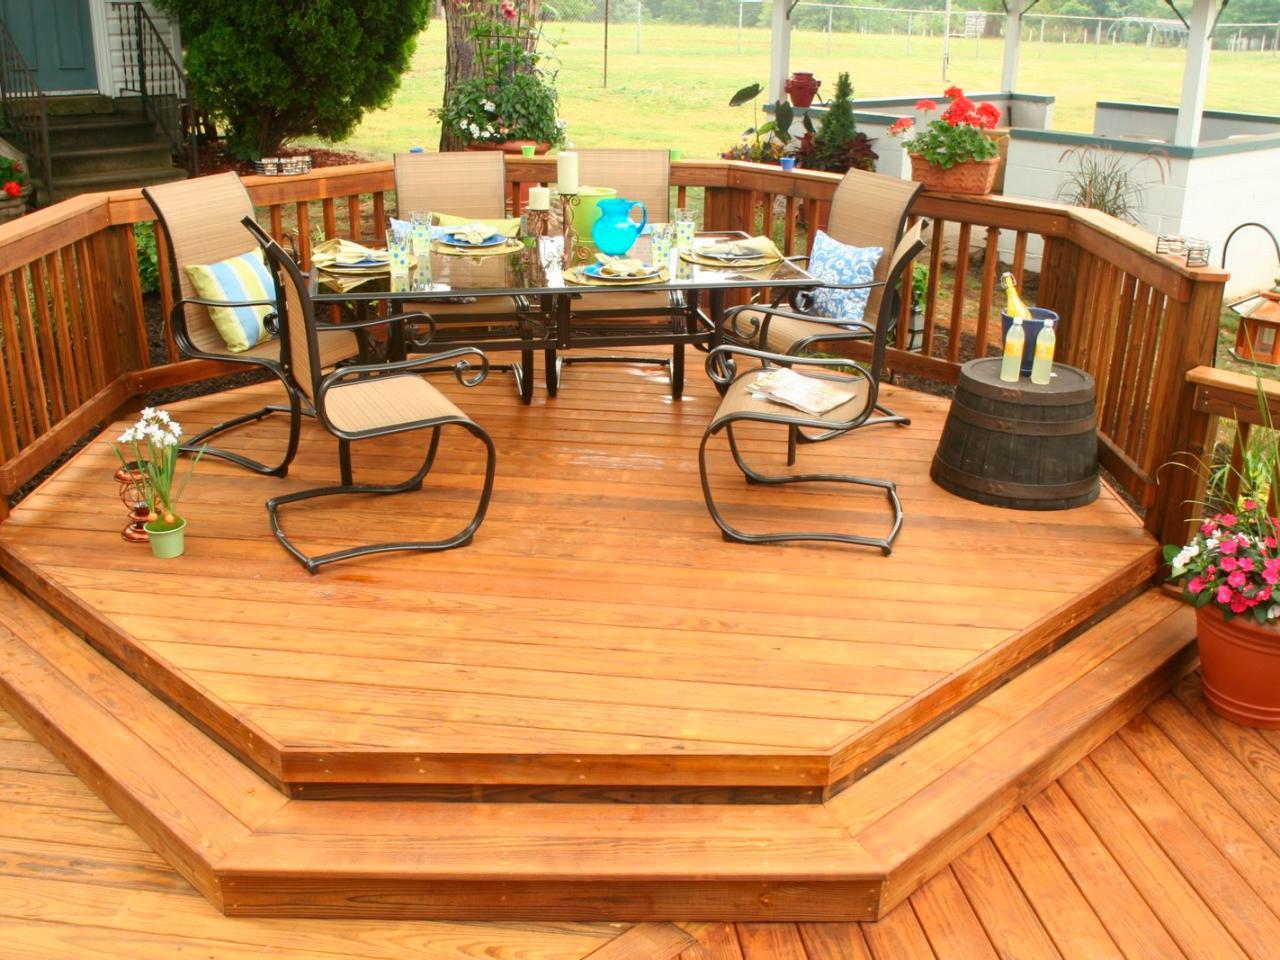 Deck Builder Modell : Deck builder of deerfield beach fl wood decks docks